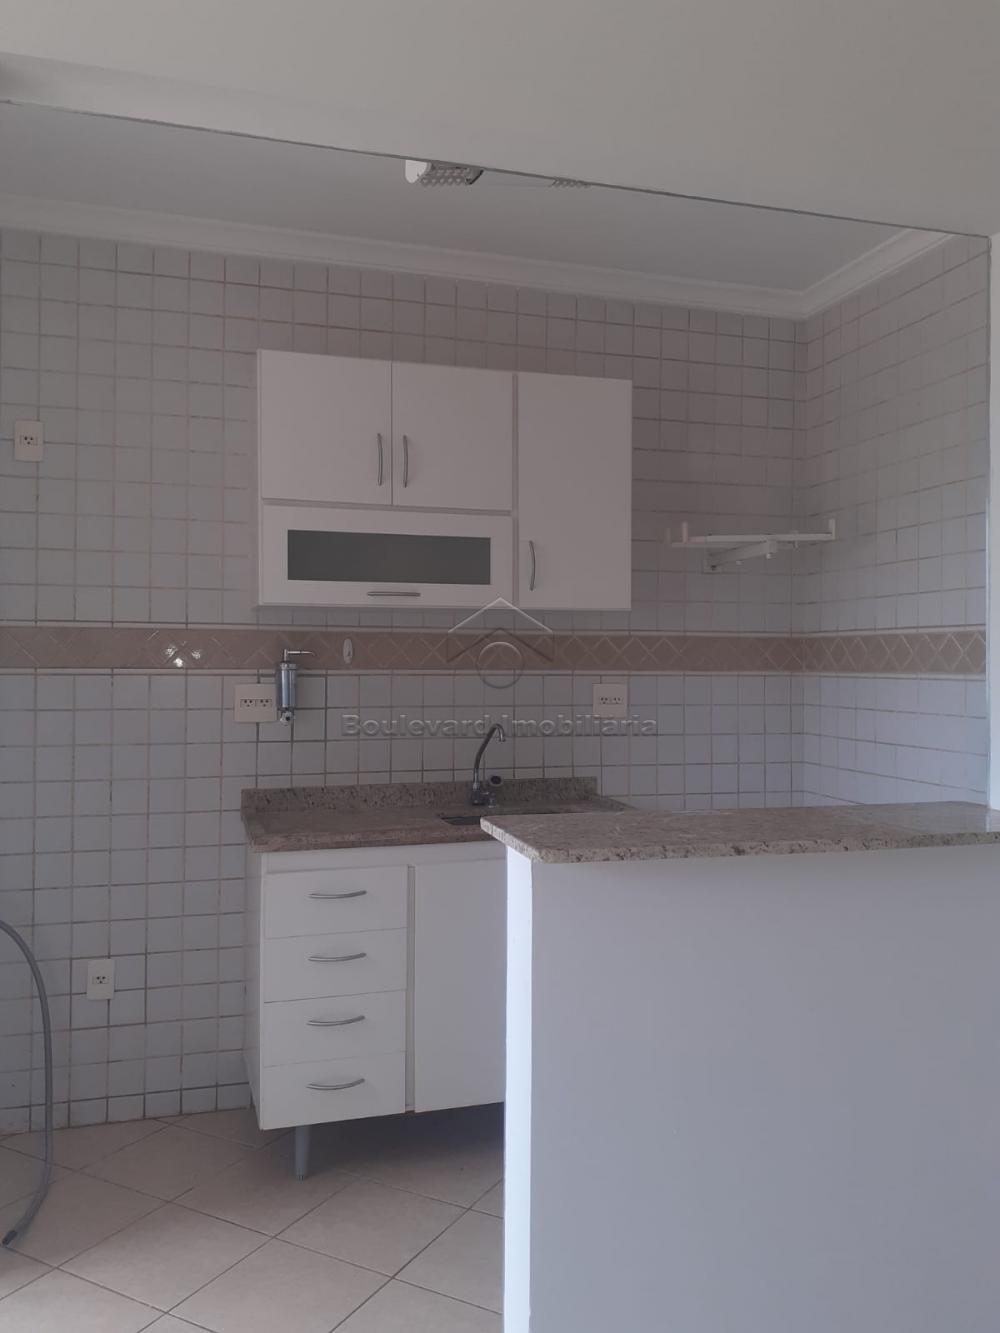 Alugar Apartamento / Padrão em Ribeirão Preto R$ 680,00 - Foto 8